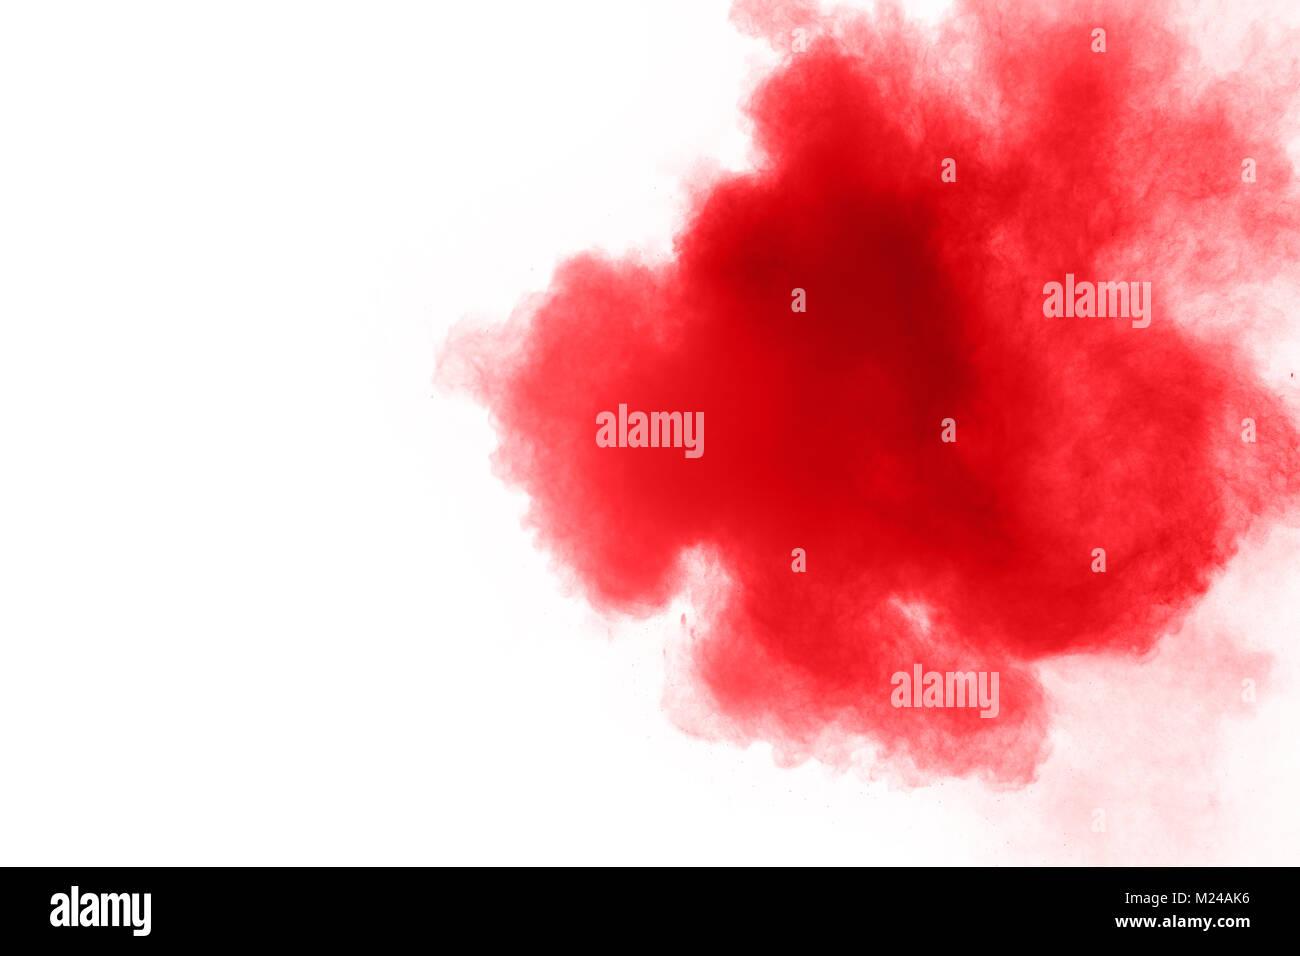 Abstract Polvere Rossa Opener Su Sfondo Bianco Rosso Di Esplosione